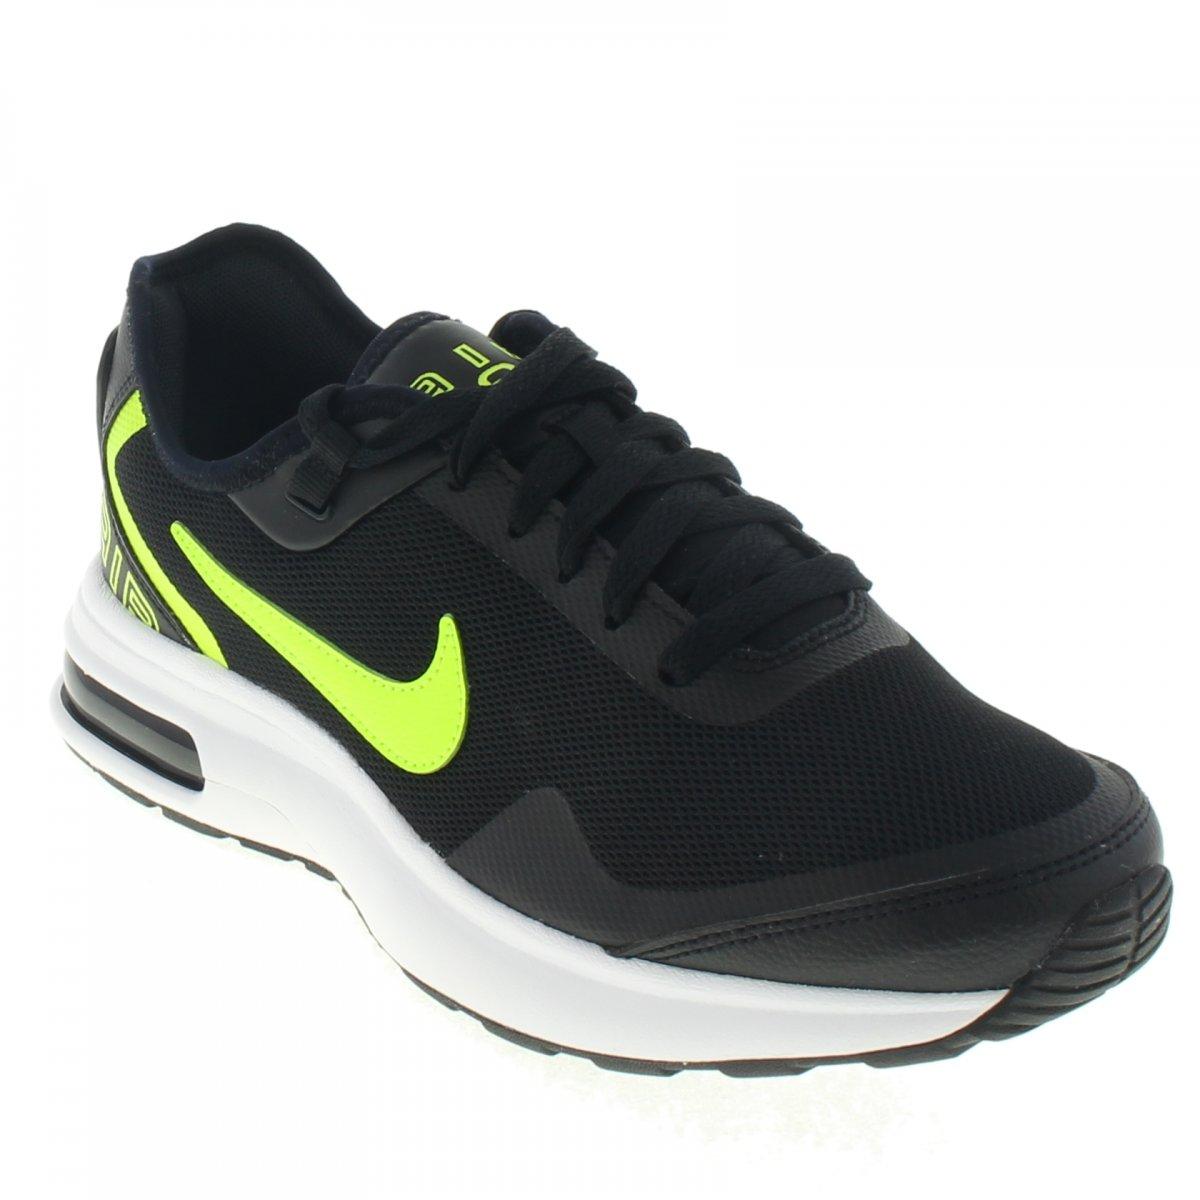 2101ca4ead8 Tenis Nike Air Max lb Ah7336-003